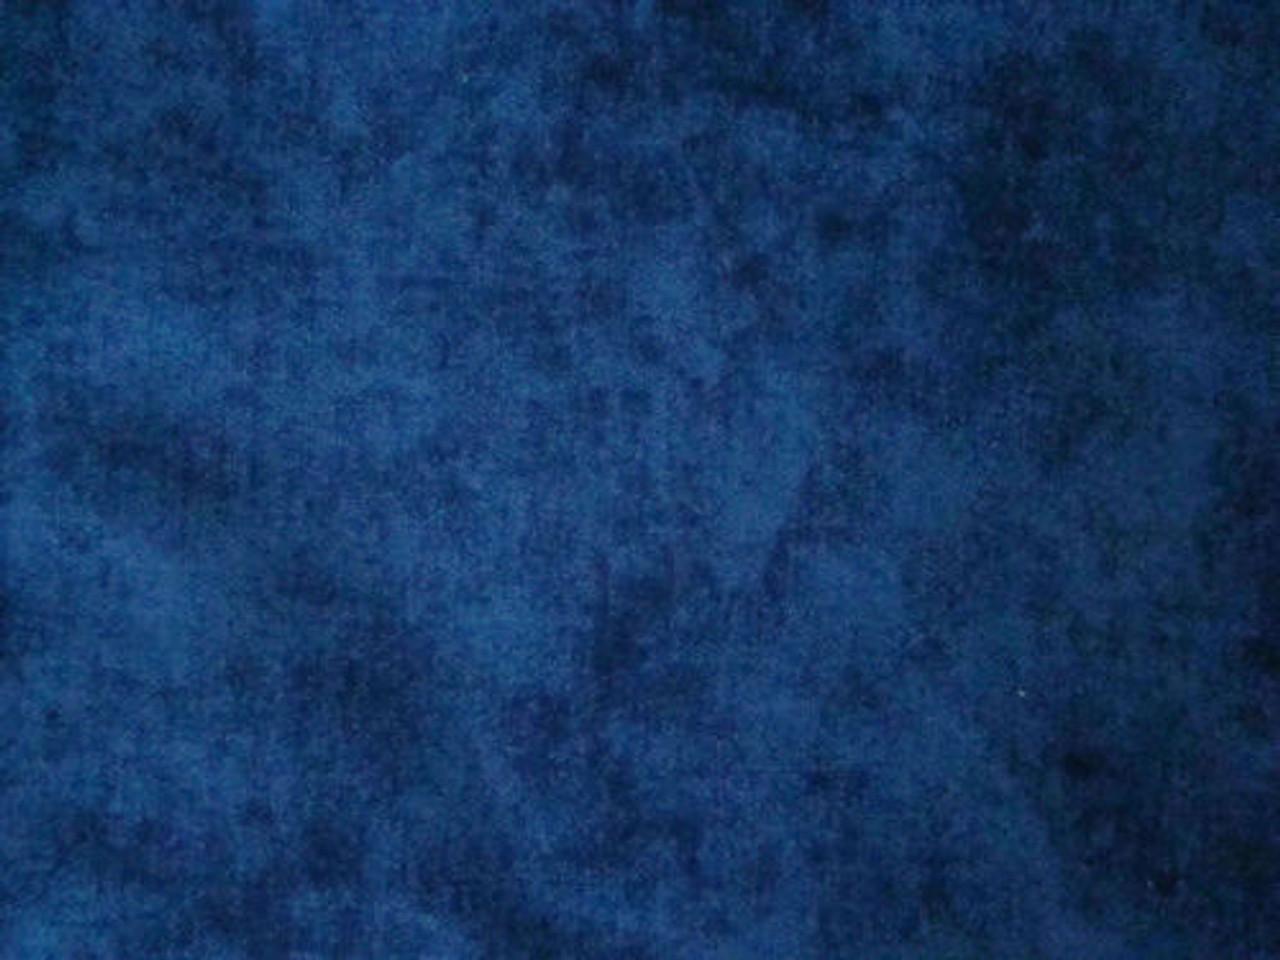 Blue Fabric 100% cotton